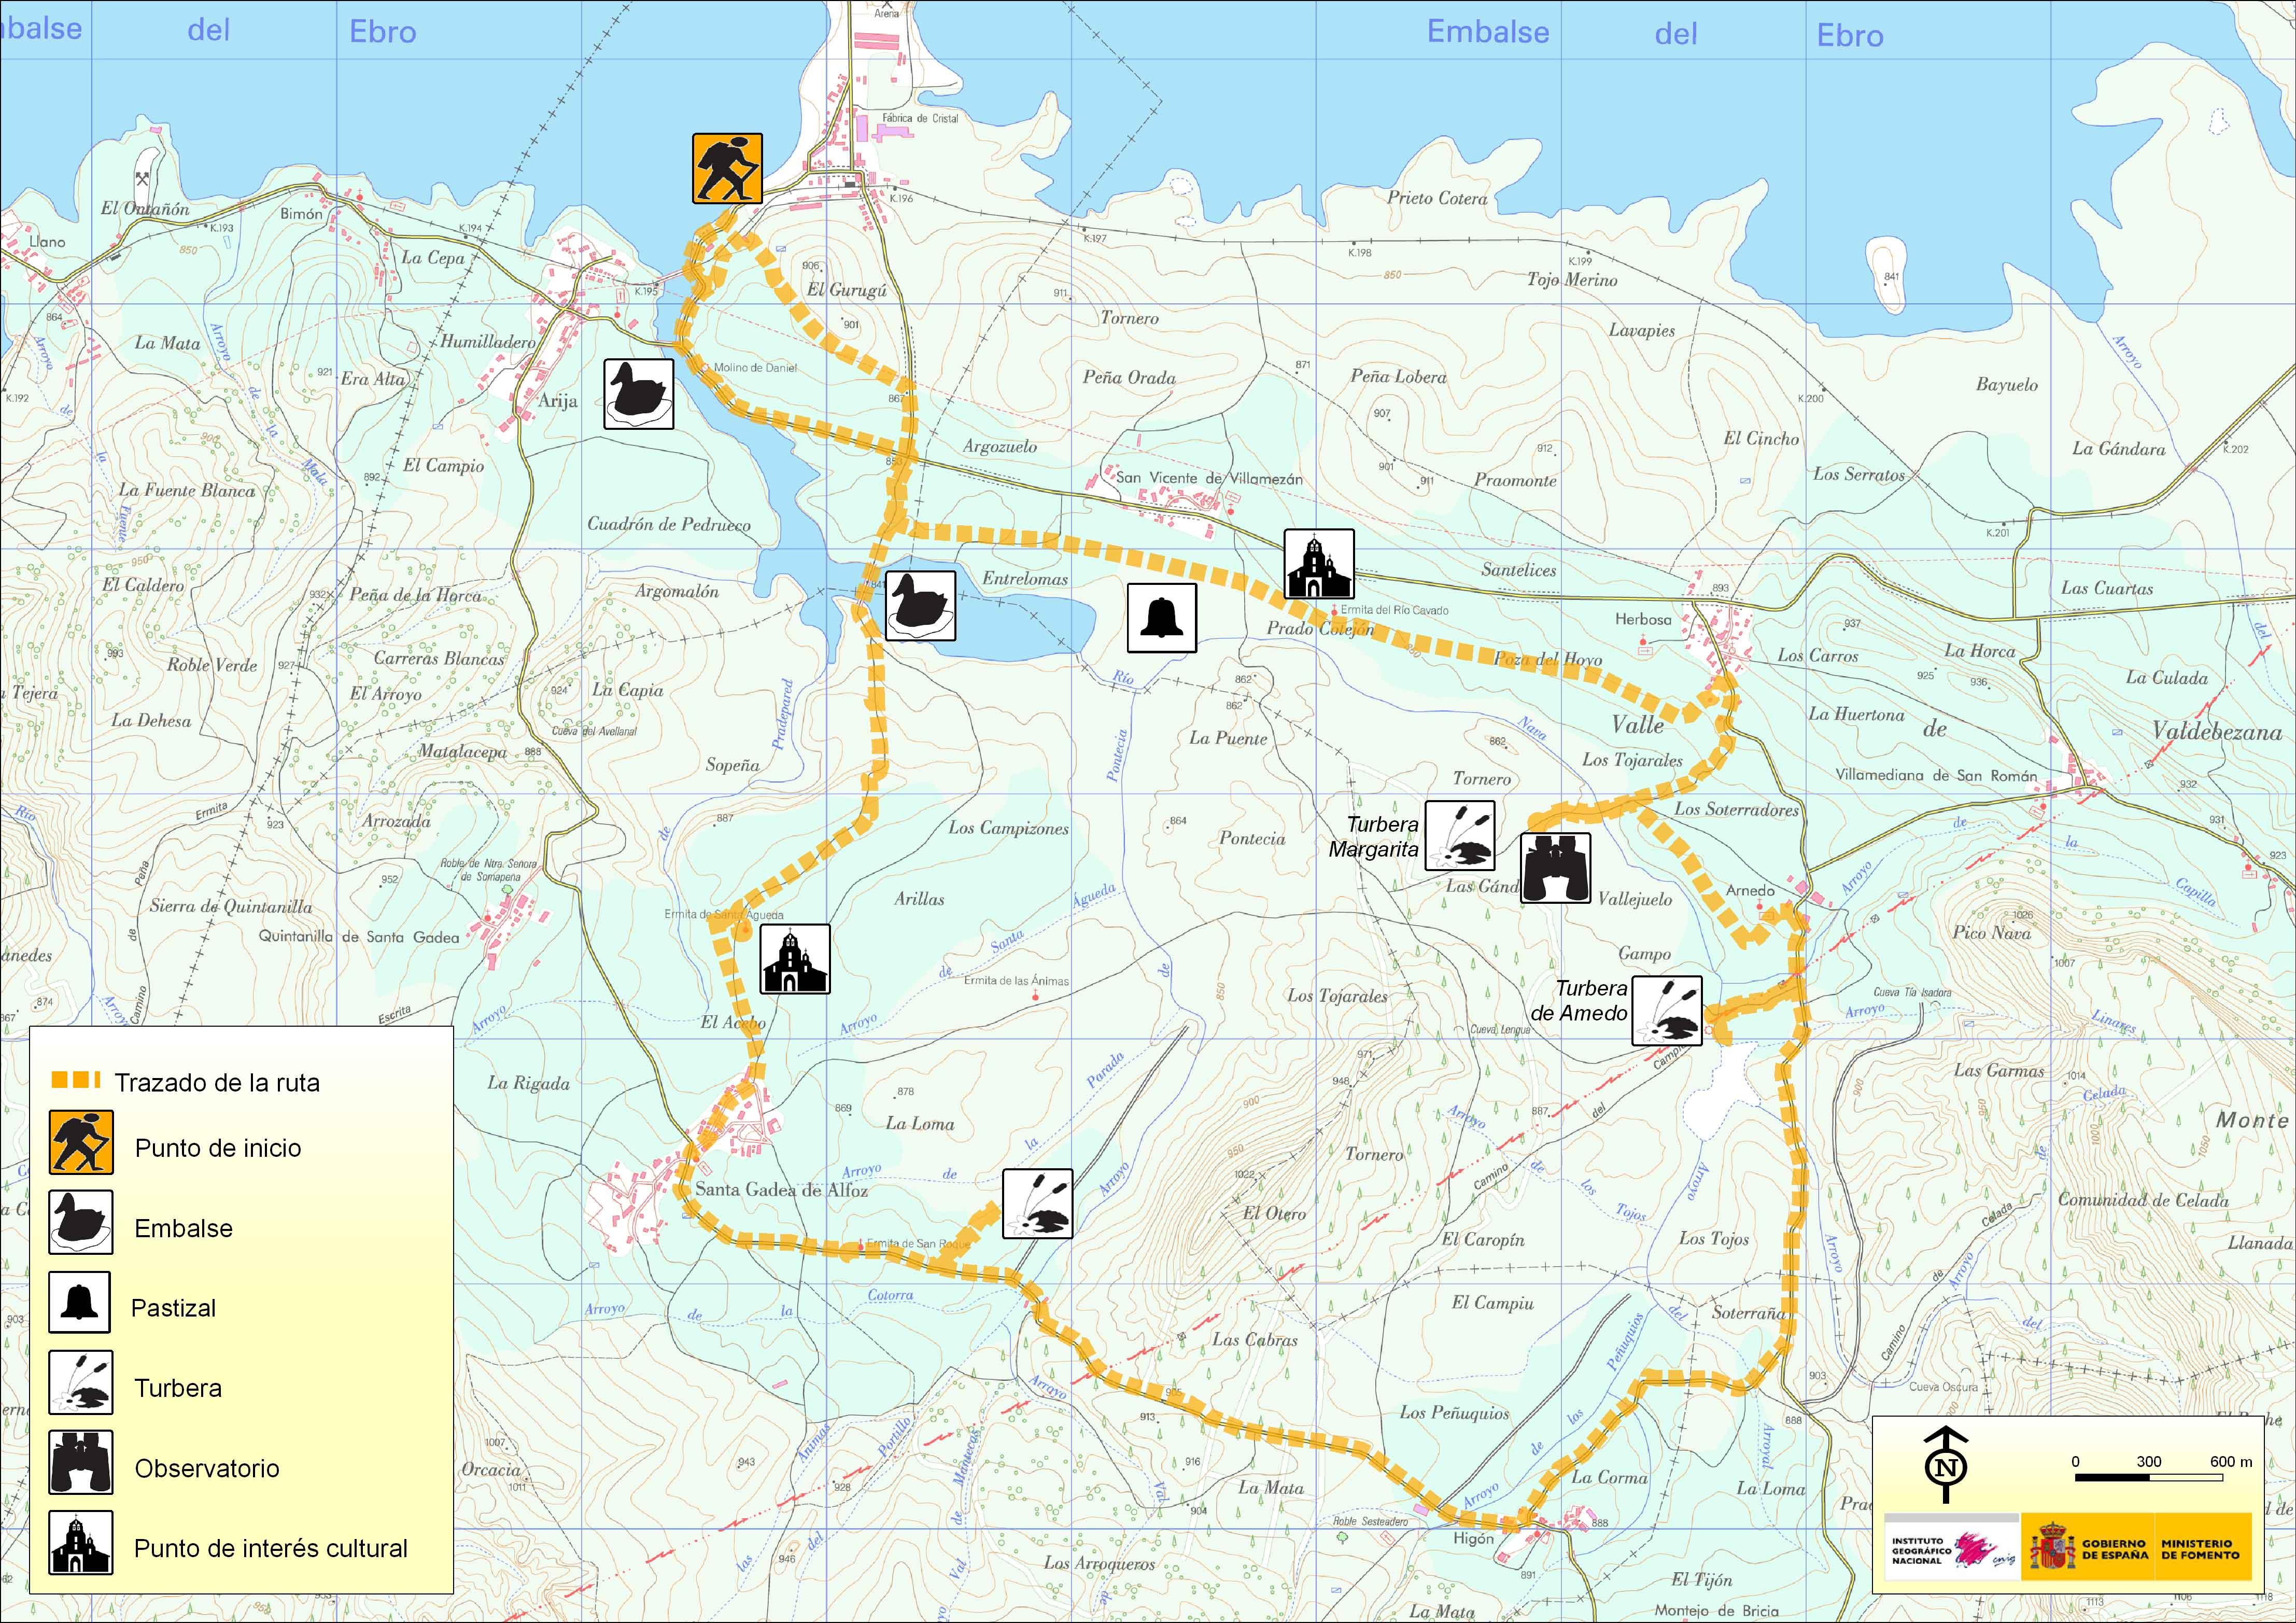 birdwatching route Embalse del Ebro